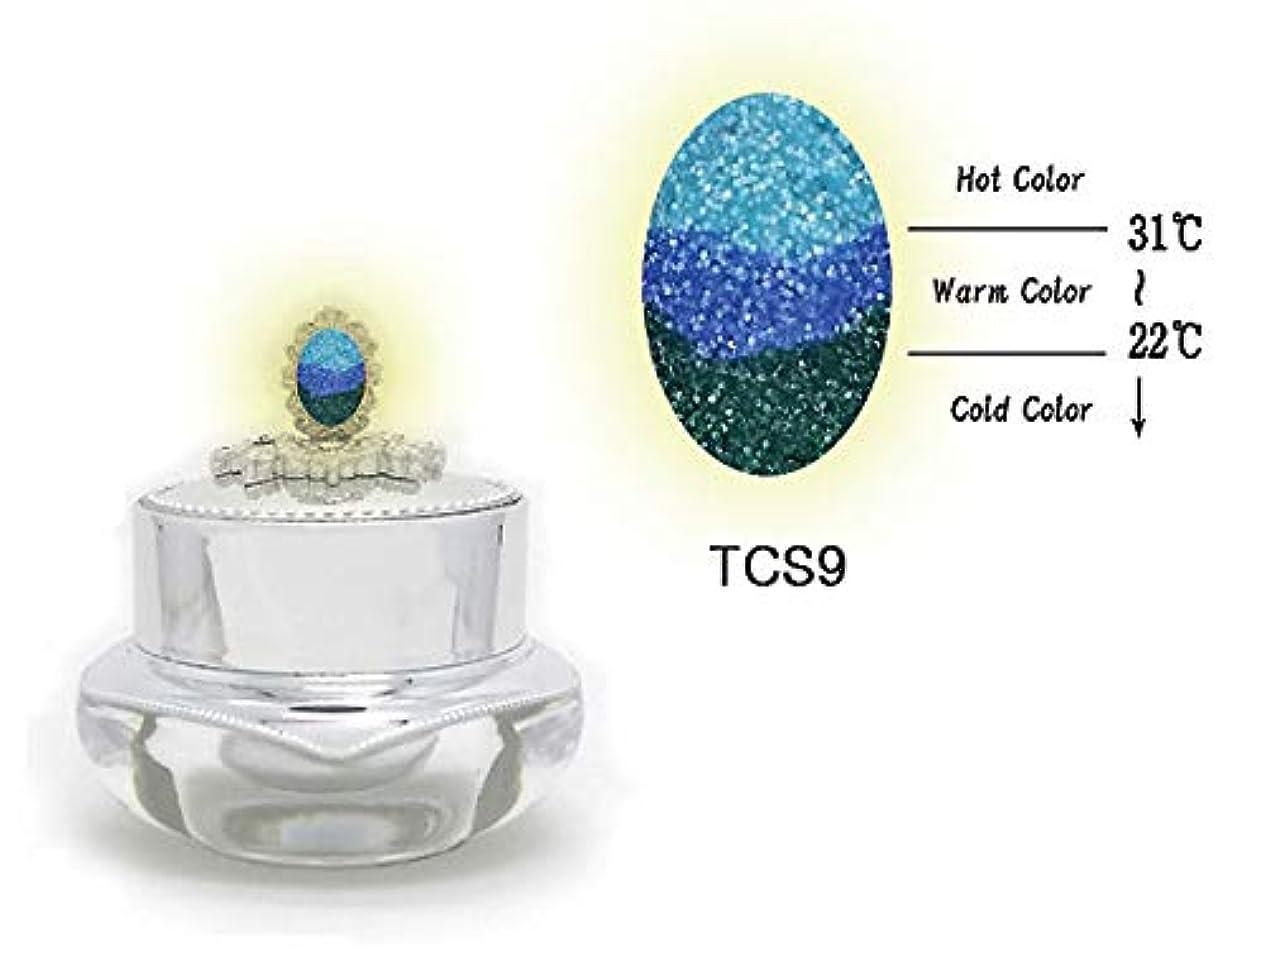 チューインガム叫ぶ顕著KENZICO (ケンジコ) Triple Sugar Gel一般用3g 【TCS9】 3つの色に変わる夜光ジェル トリプルシュガージェル